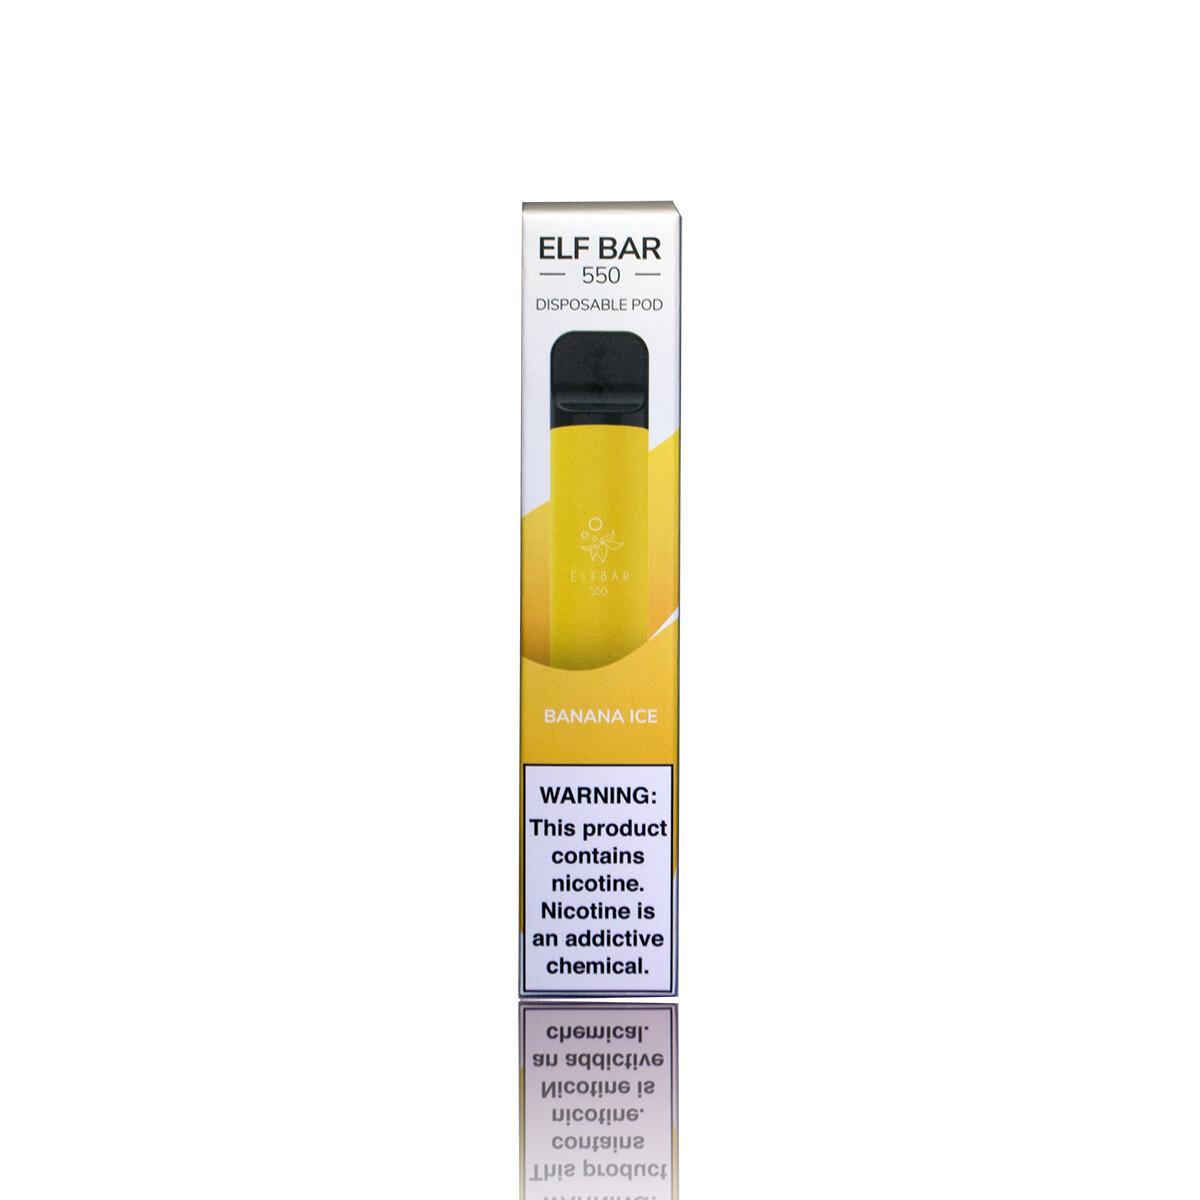 ELF BAR 550: BANANA ICE